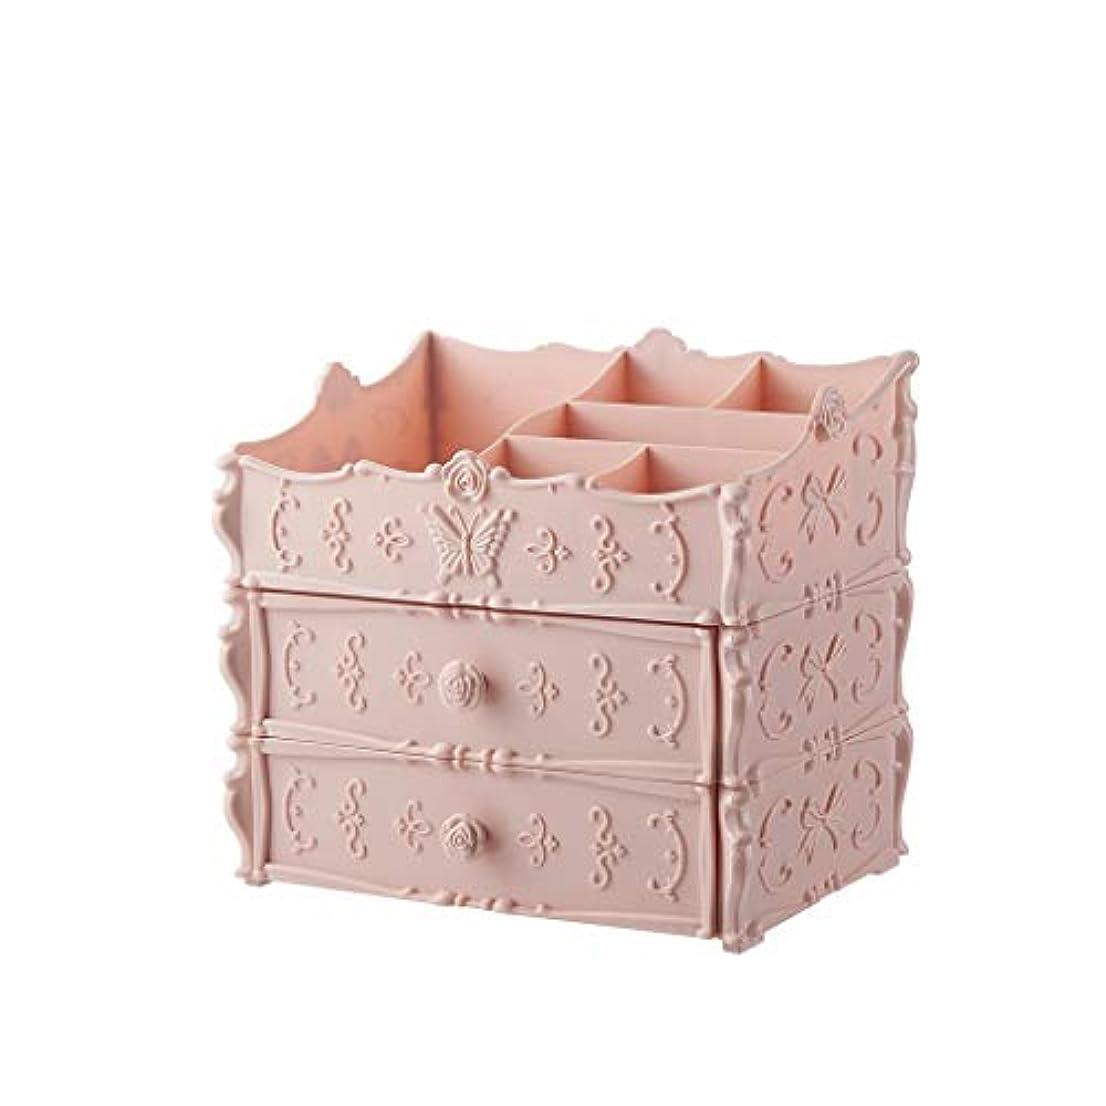 ラウンジグラマー便宜化粧品収納ボックスドレッシングテーブルデスクトップスキンケア製品 (Color : A)